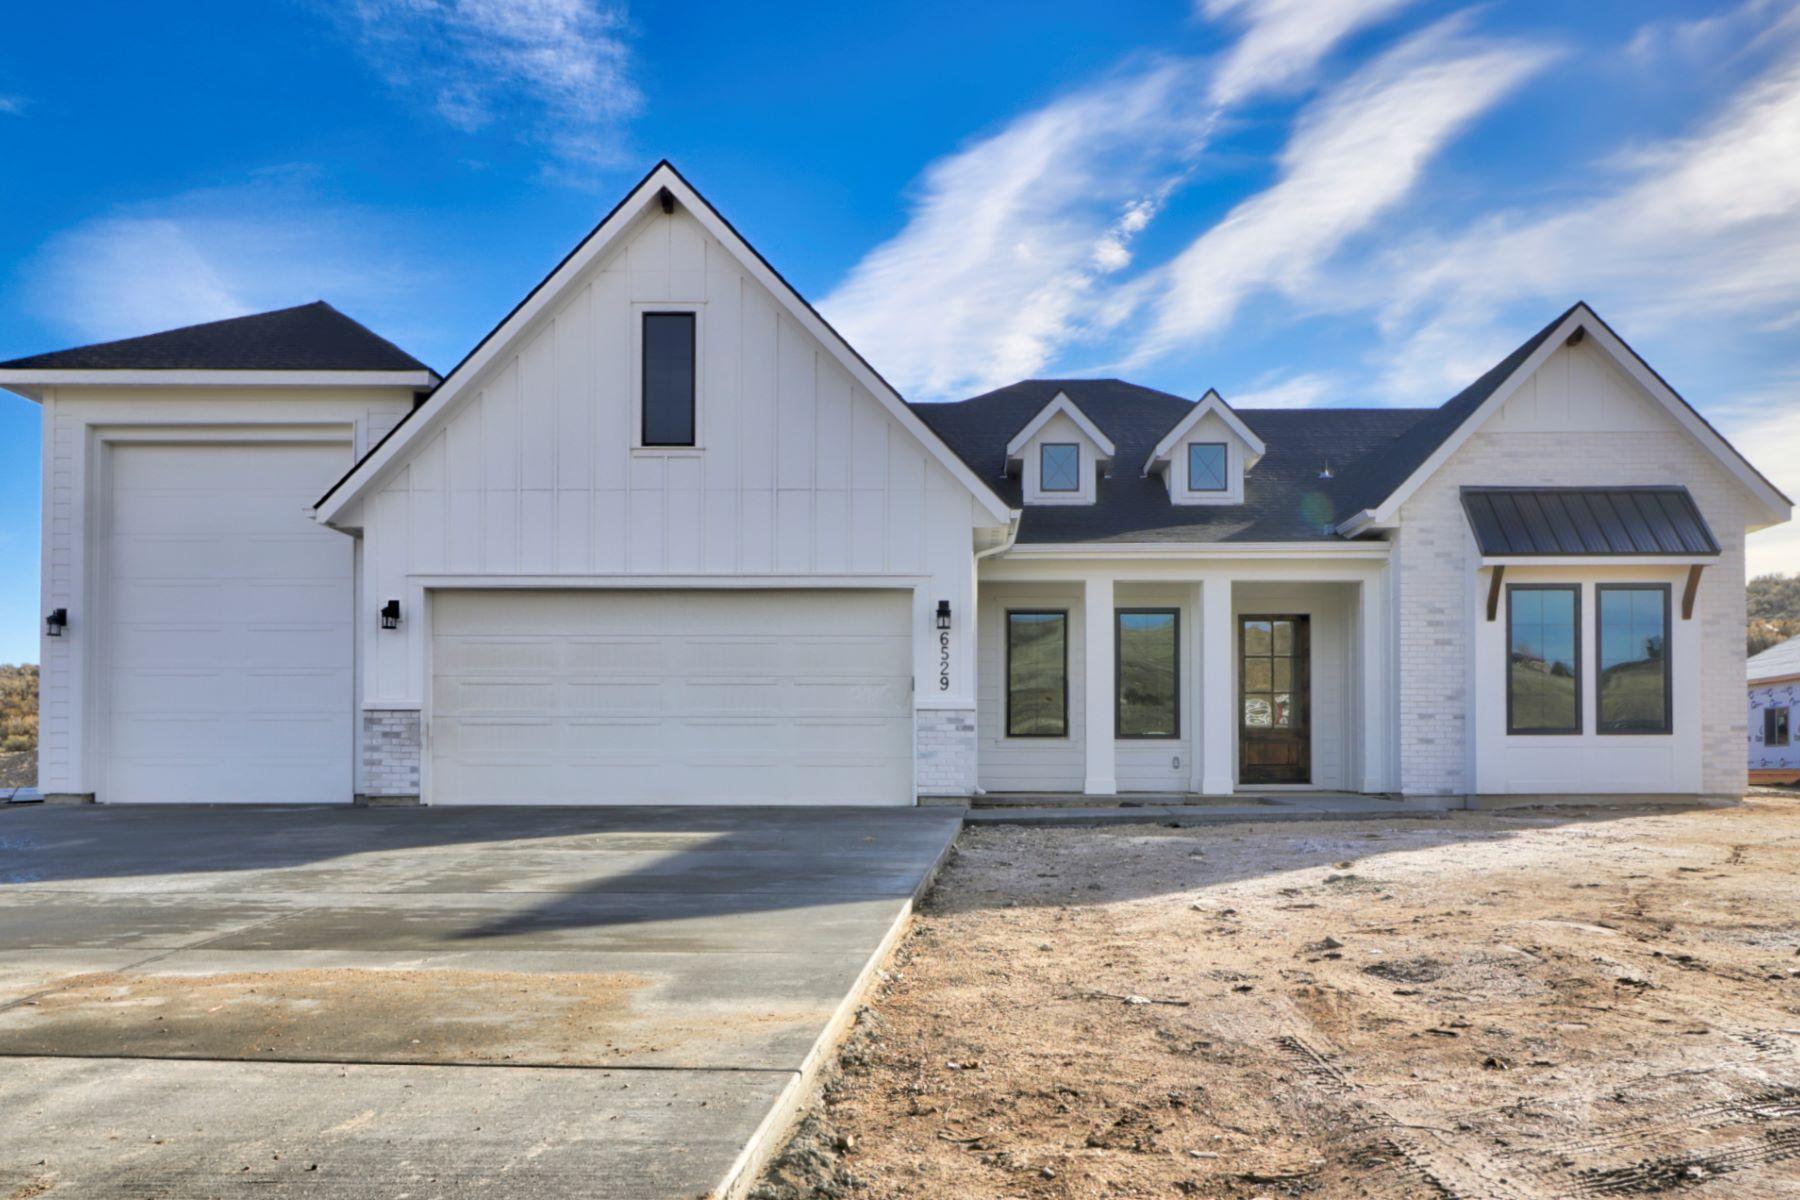 Single Family Homes for Active at 6580 Sage Basin Way Star, Idaho 83669 United States